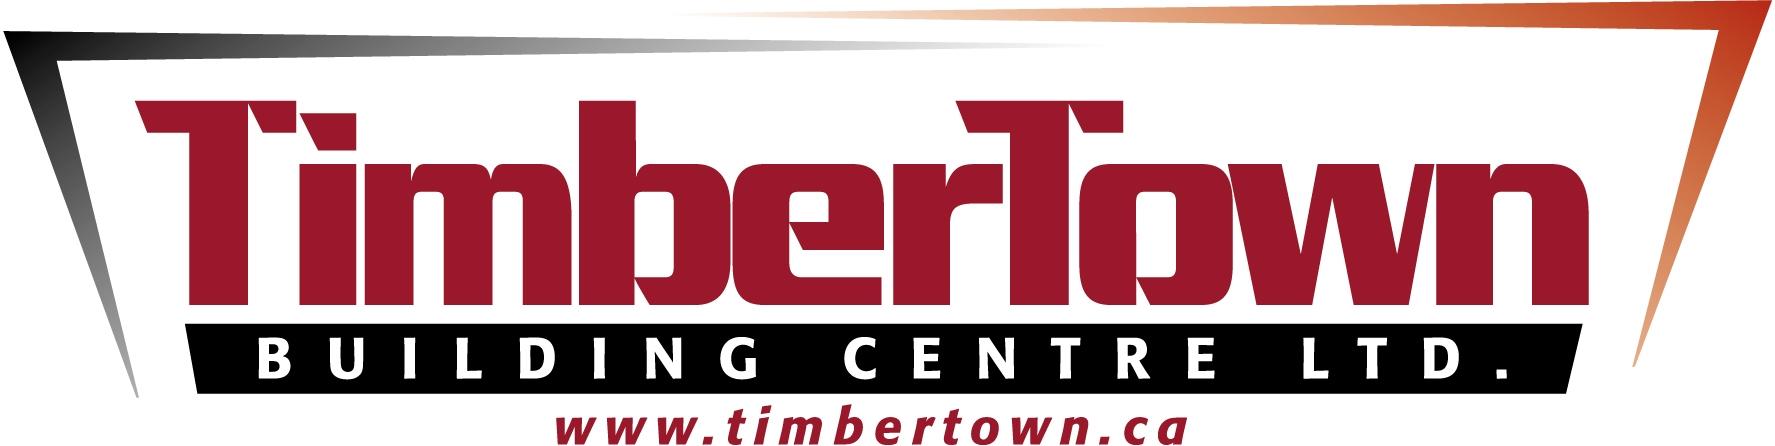 Timbertown Building Centres Ltd Logo